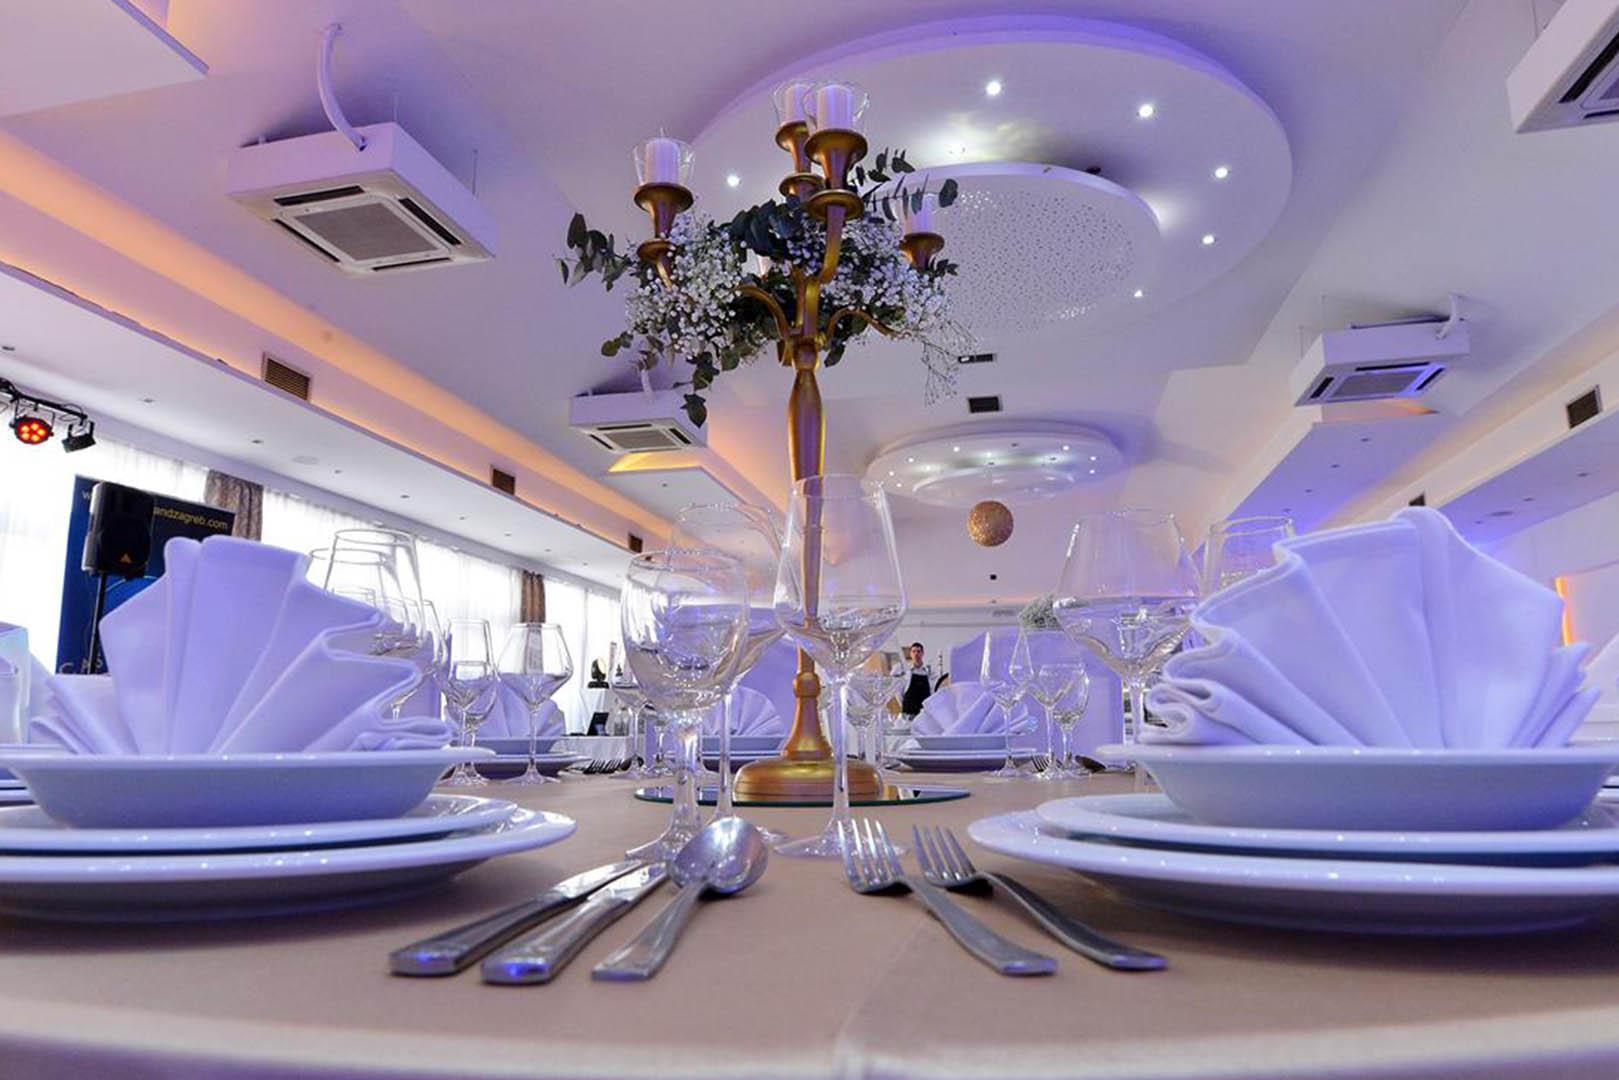 Mali raj - Restoran 4